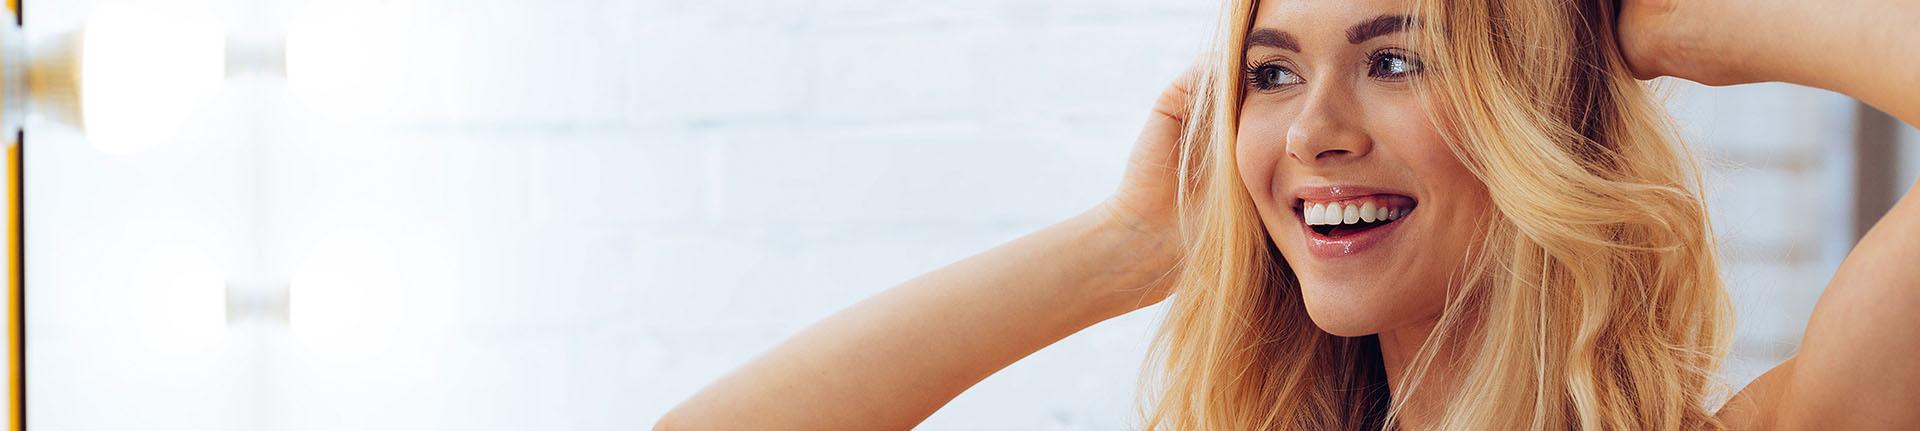 Como clarear o cabelo de maneira natural e saudável